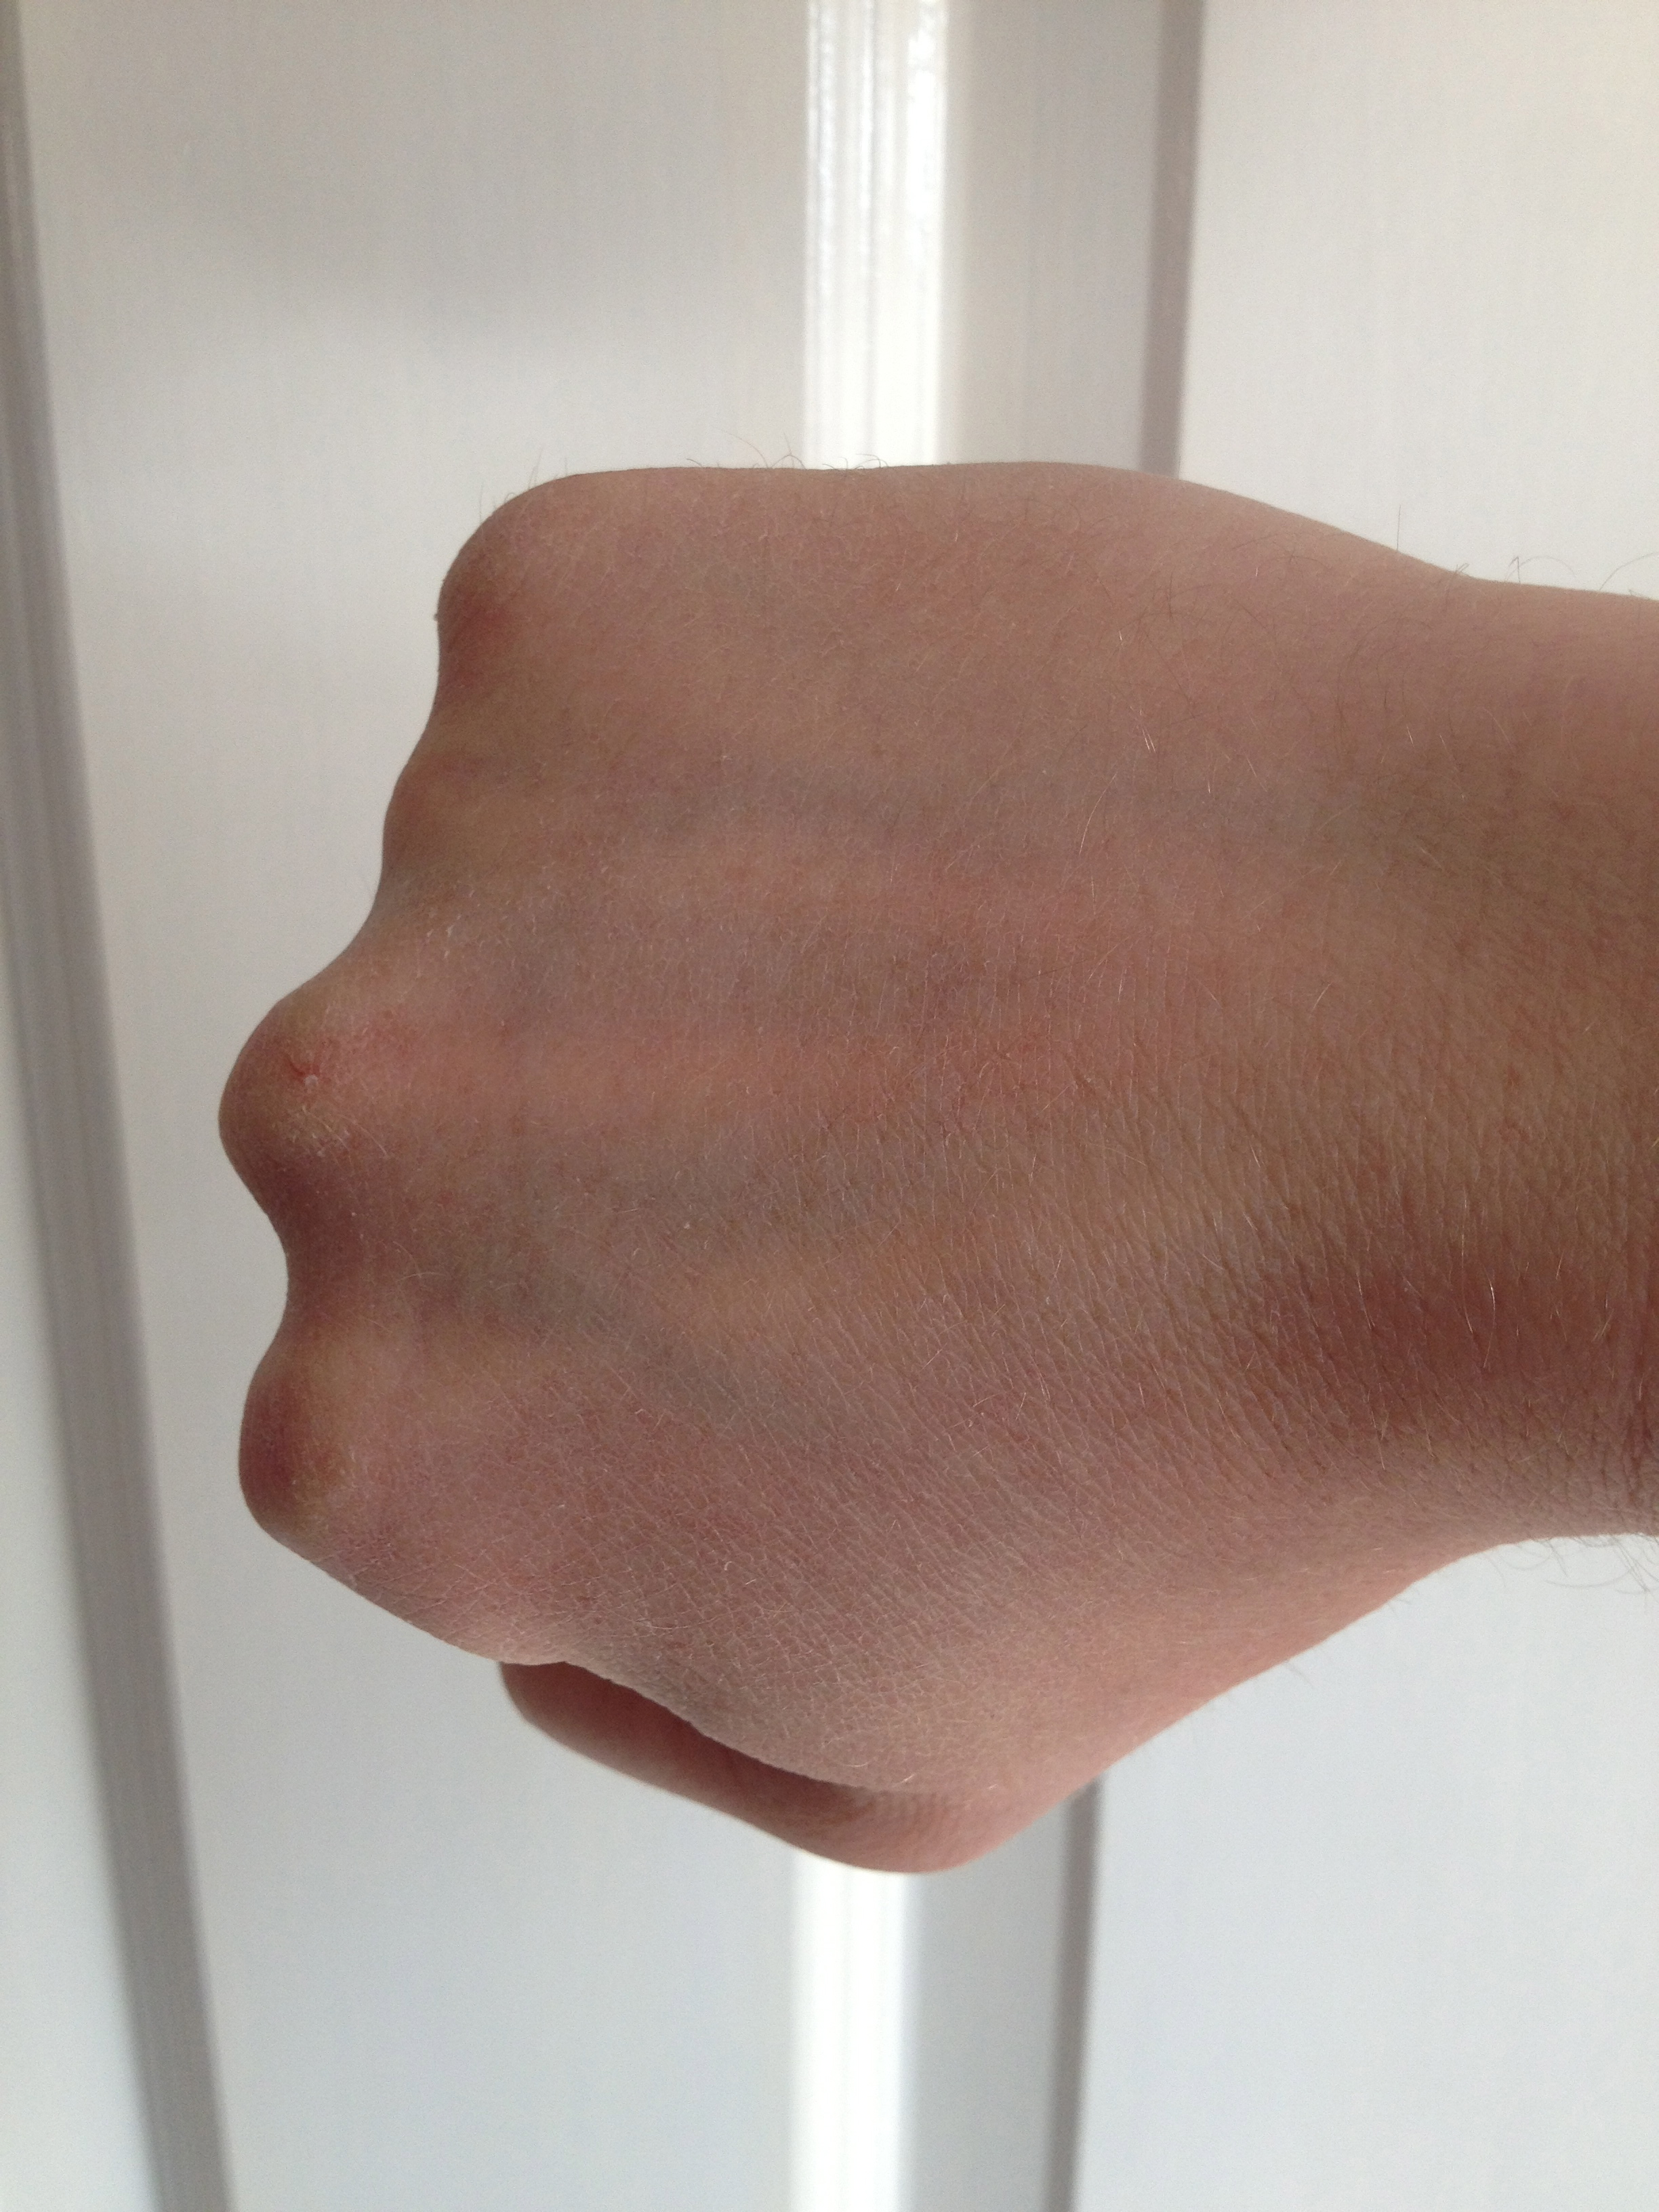 Recovered broken hand, 4 months post break